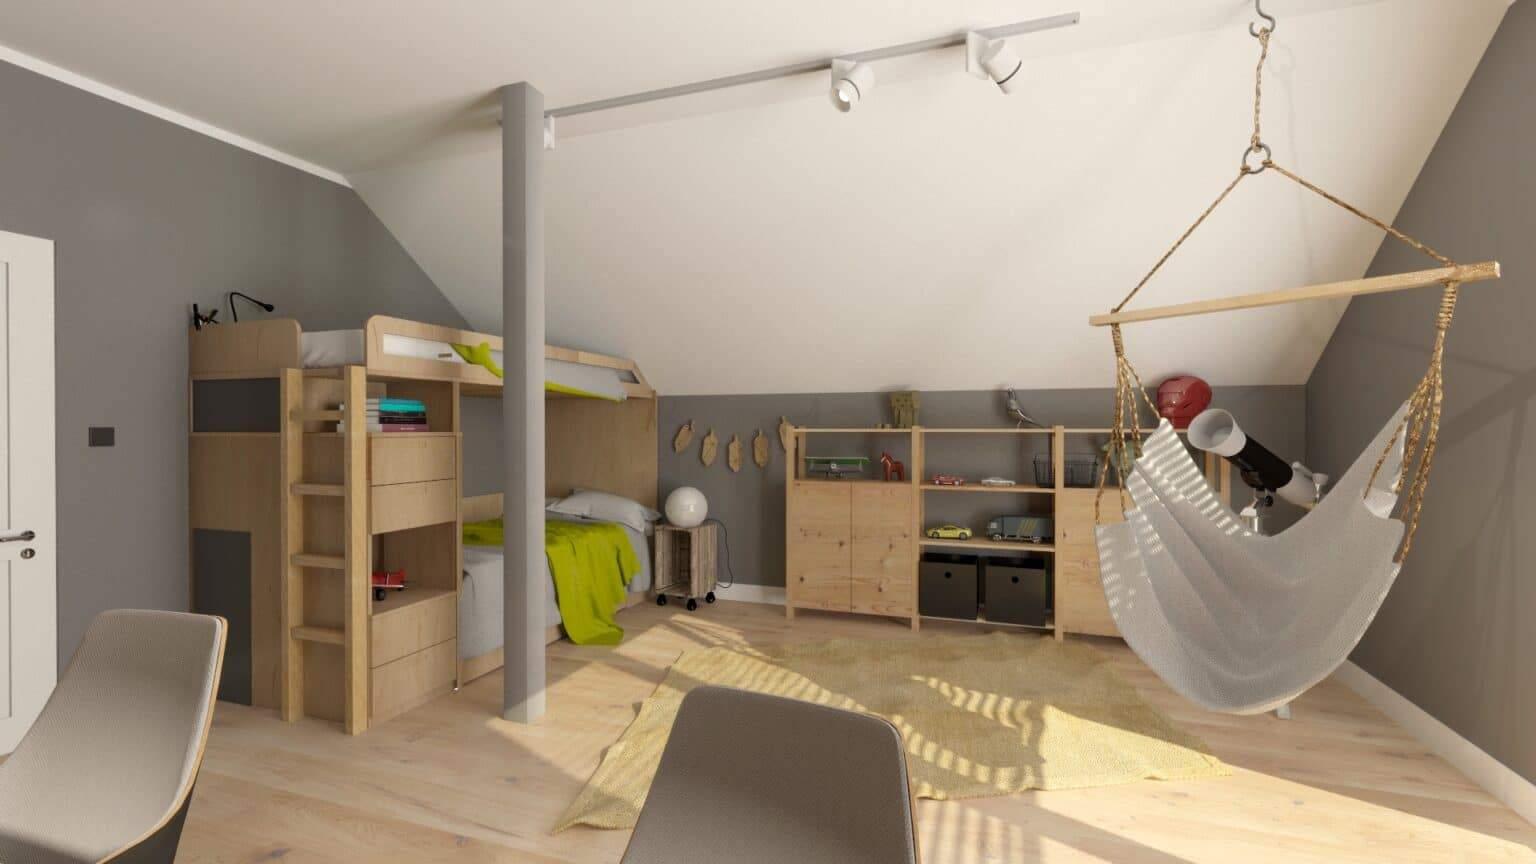 Jak urządzić pokój dla rodzeństwa 5 | Projektowanie wnętrz Duszyńska Design